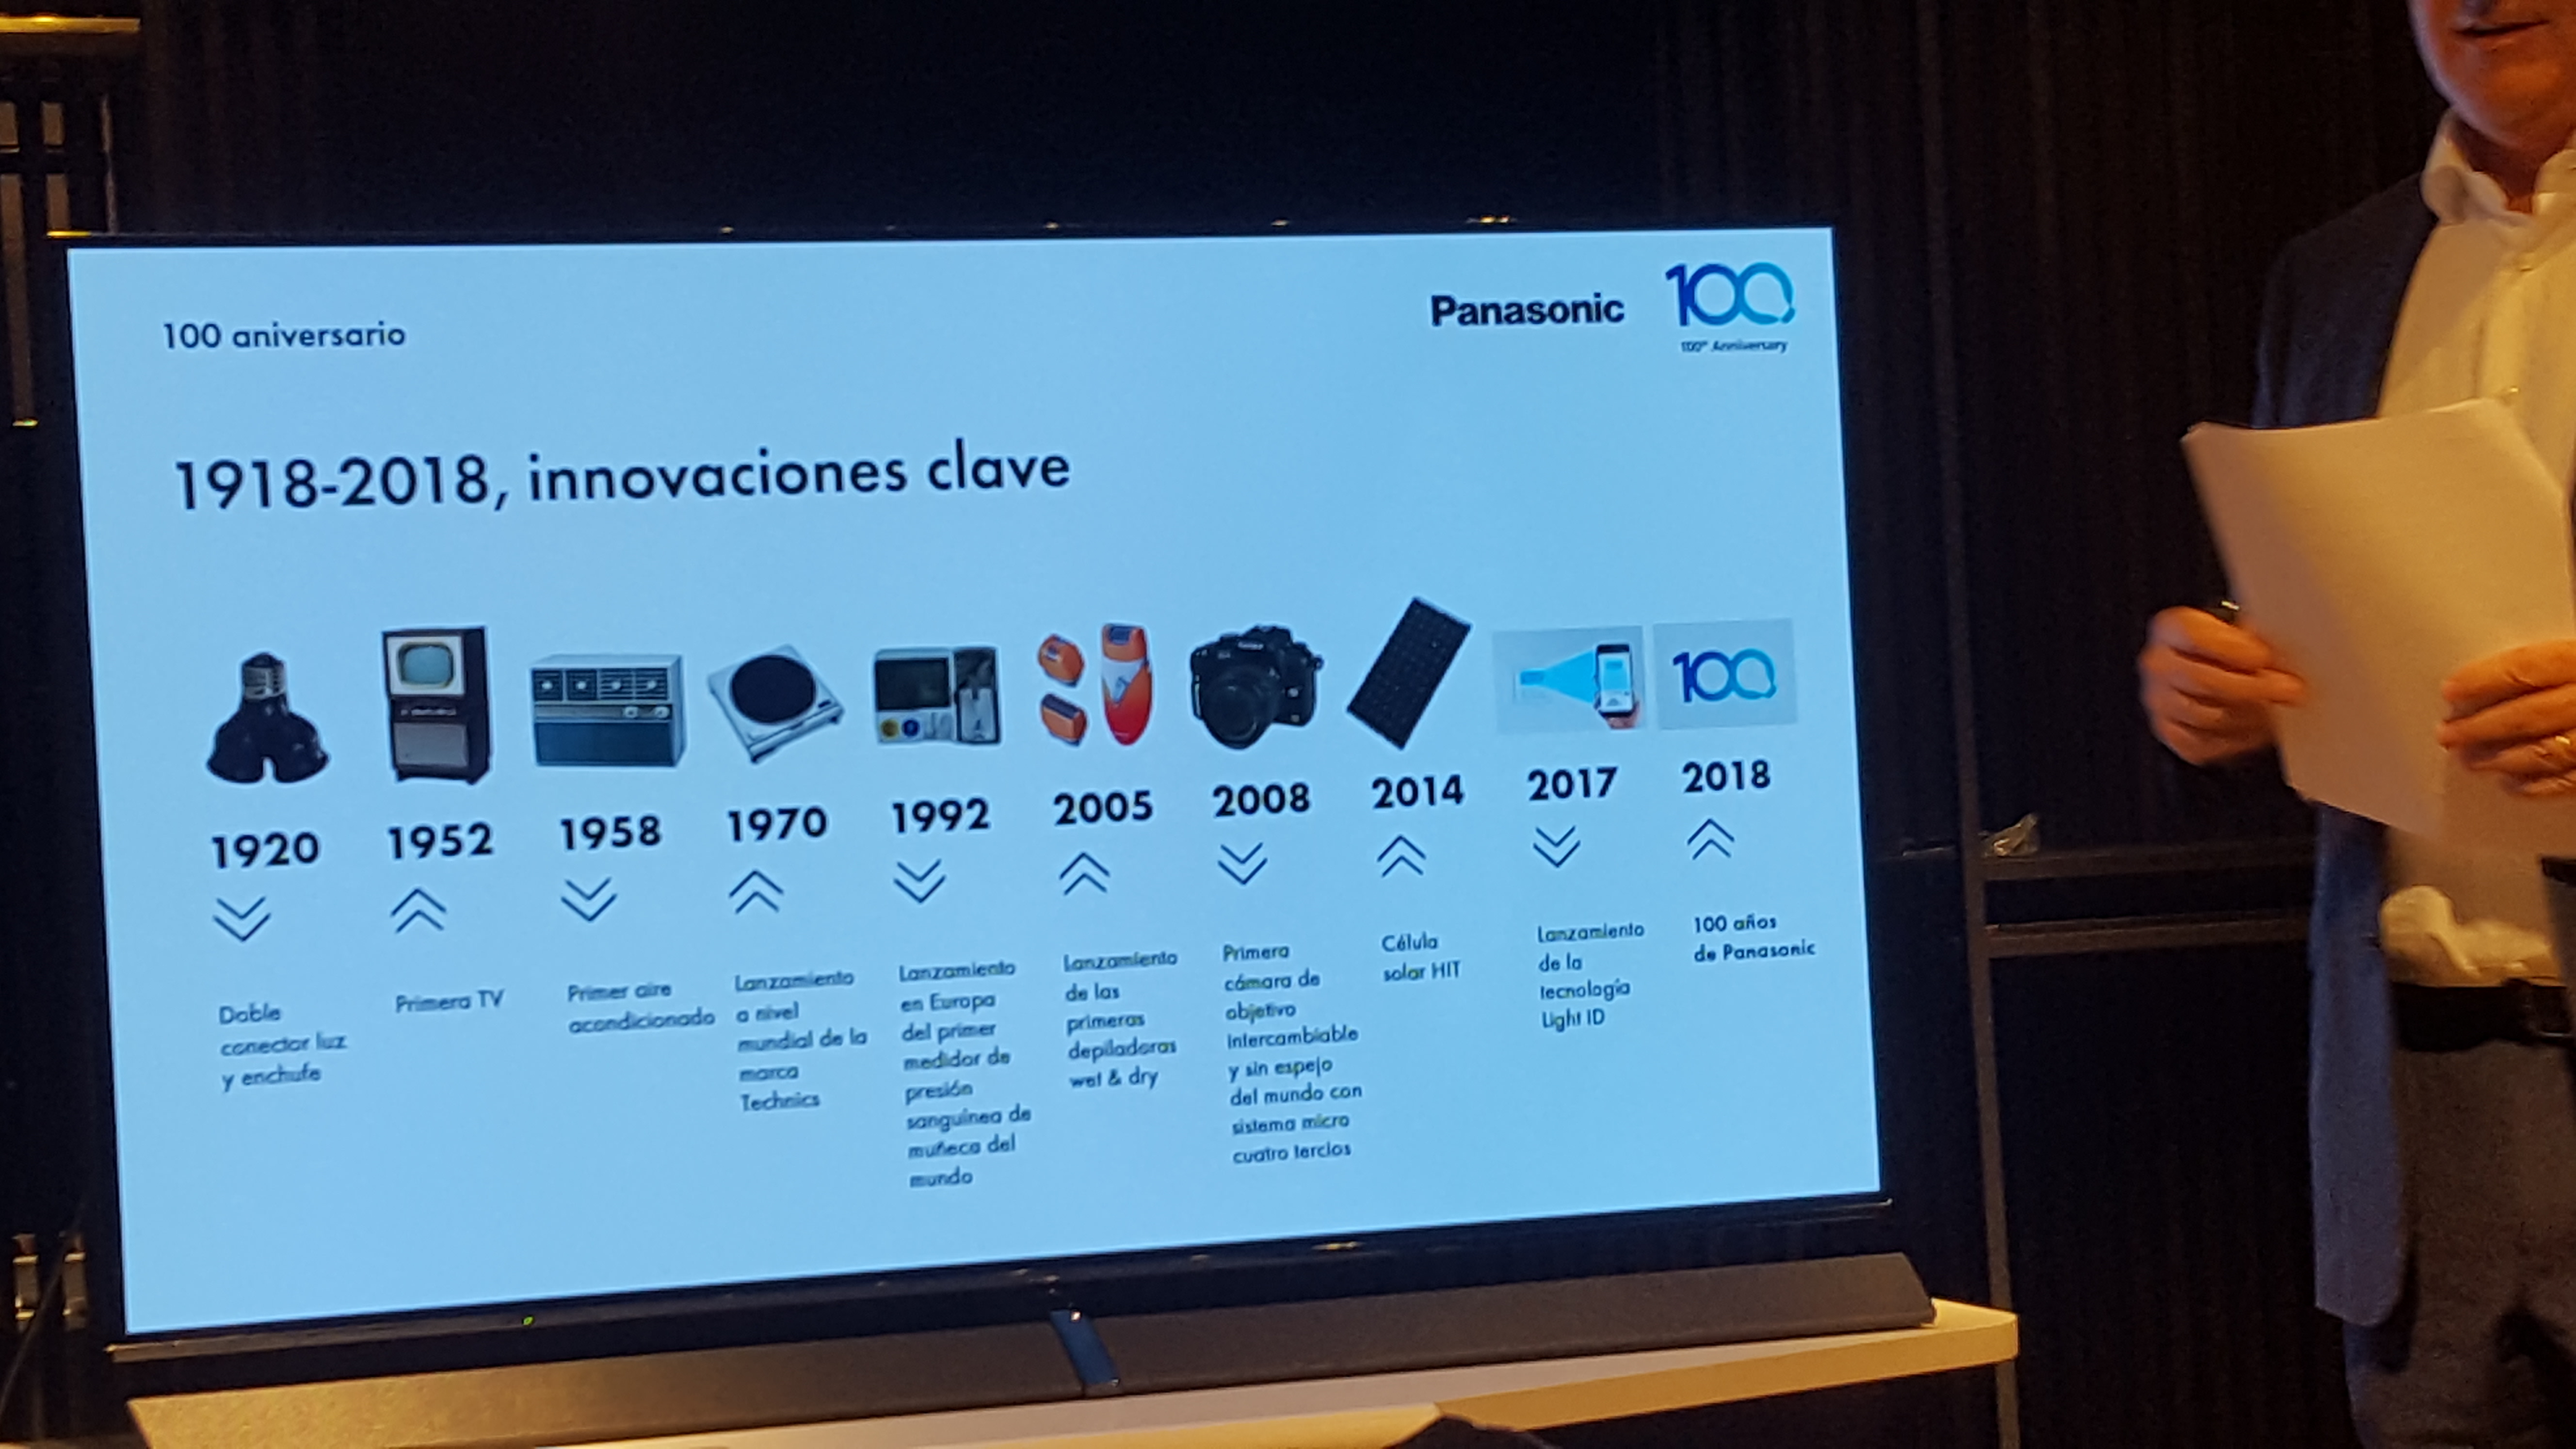 La visión de Panasonic, mejorar la vida de las personas